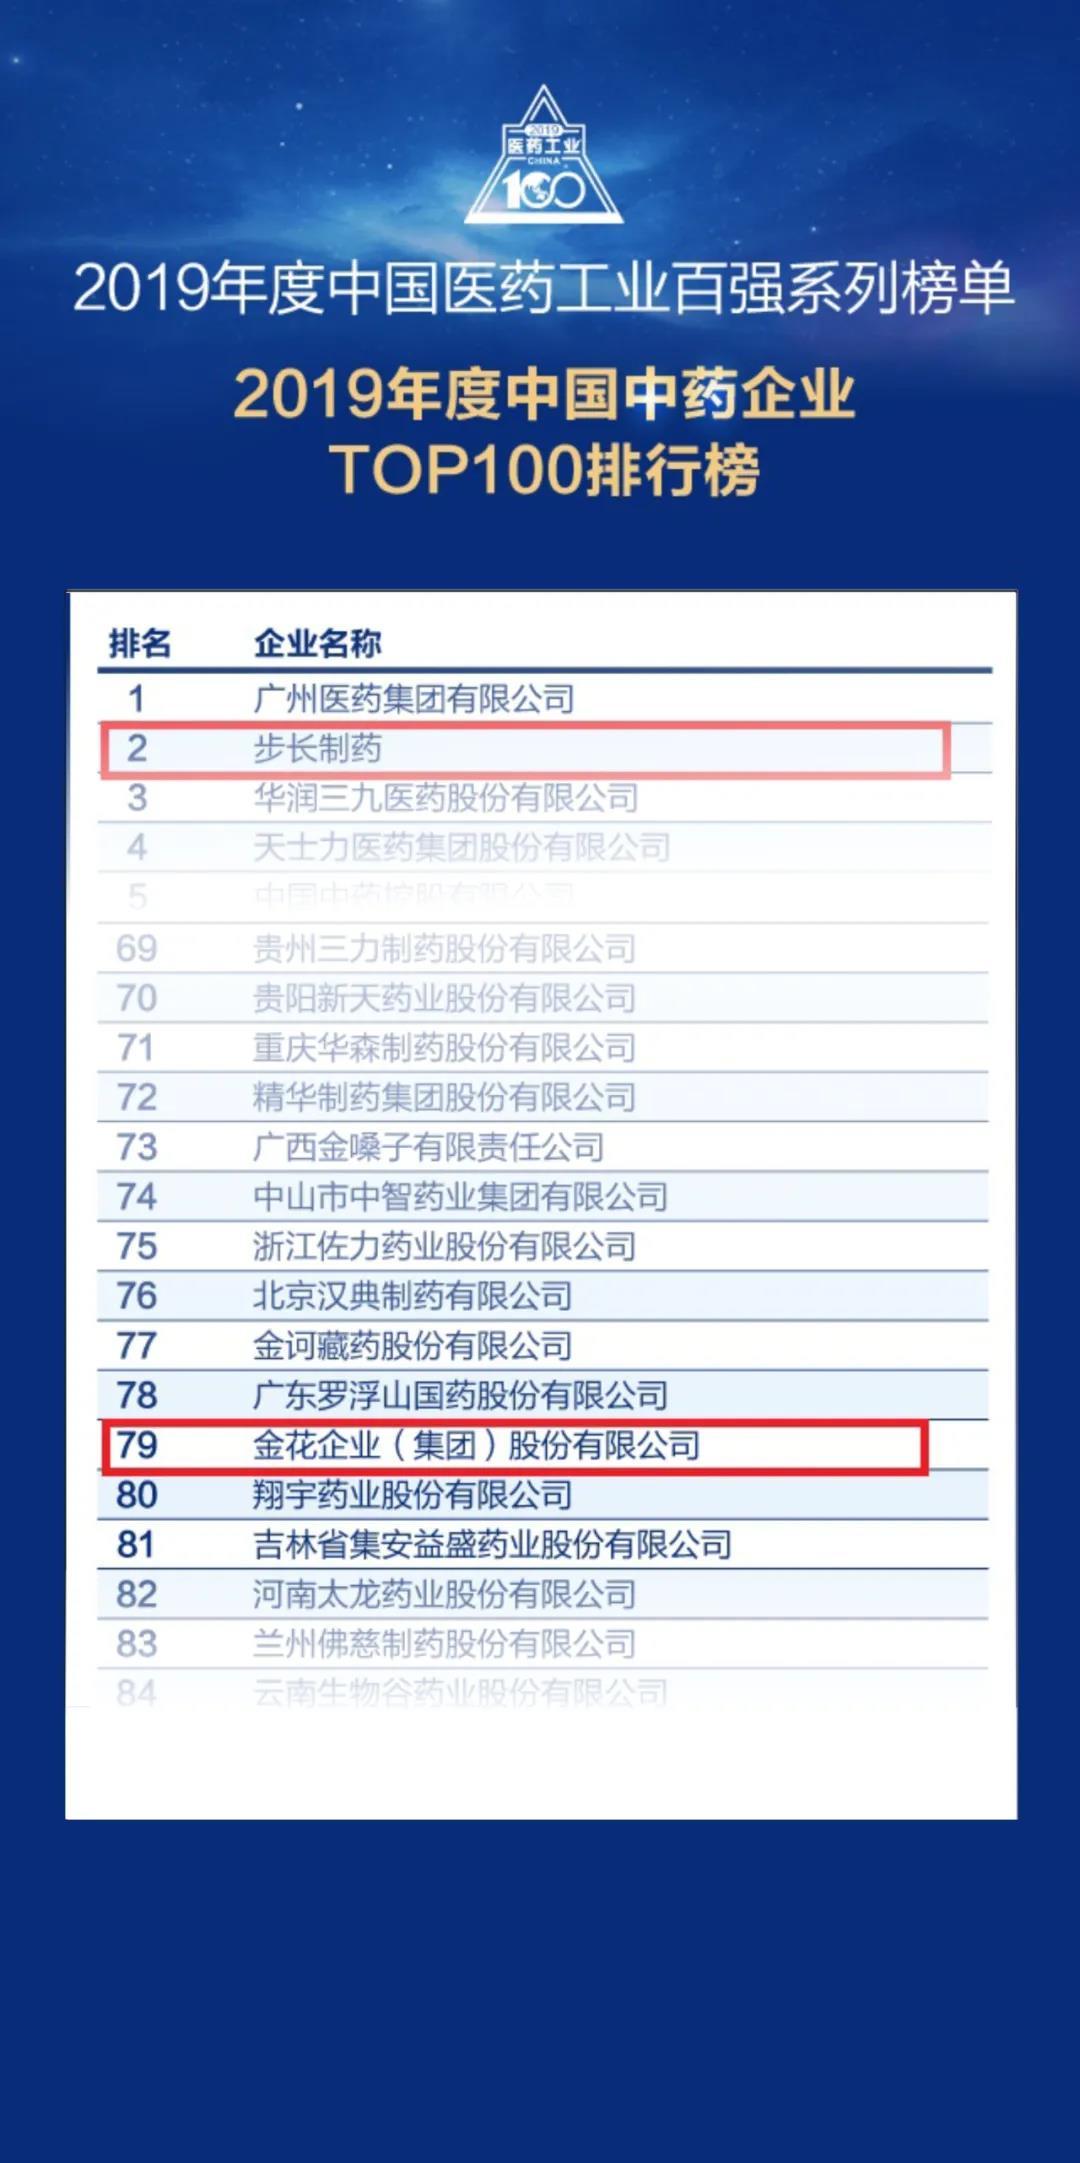 """重磅!金花股份荣登""""2019年度中国中药企业百强榜"""""""